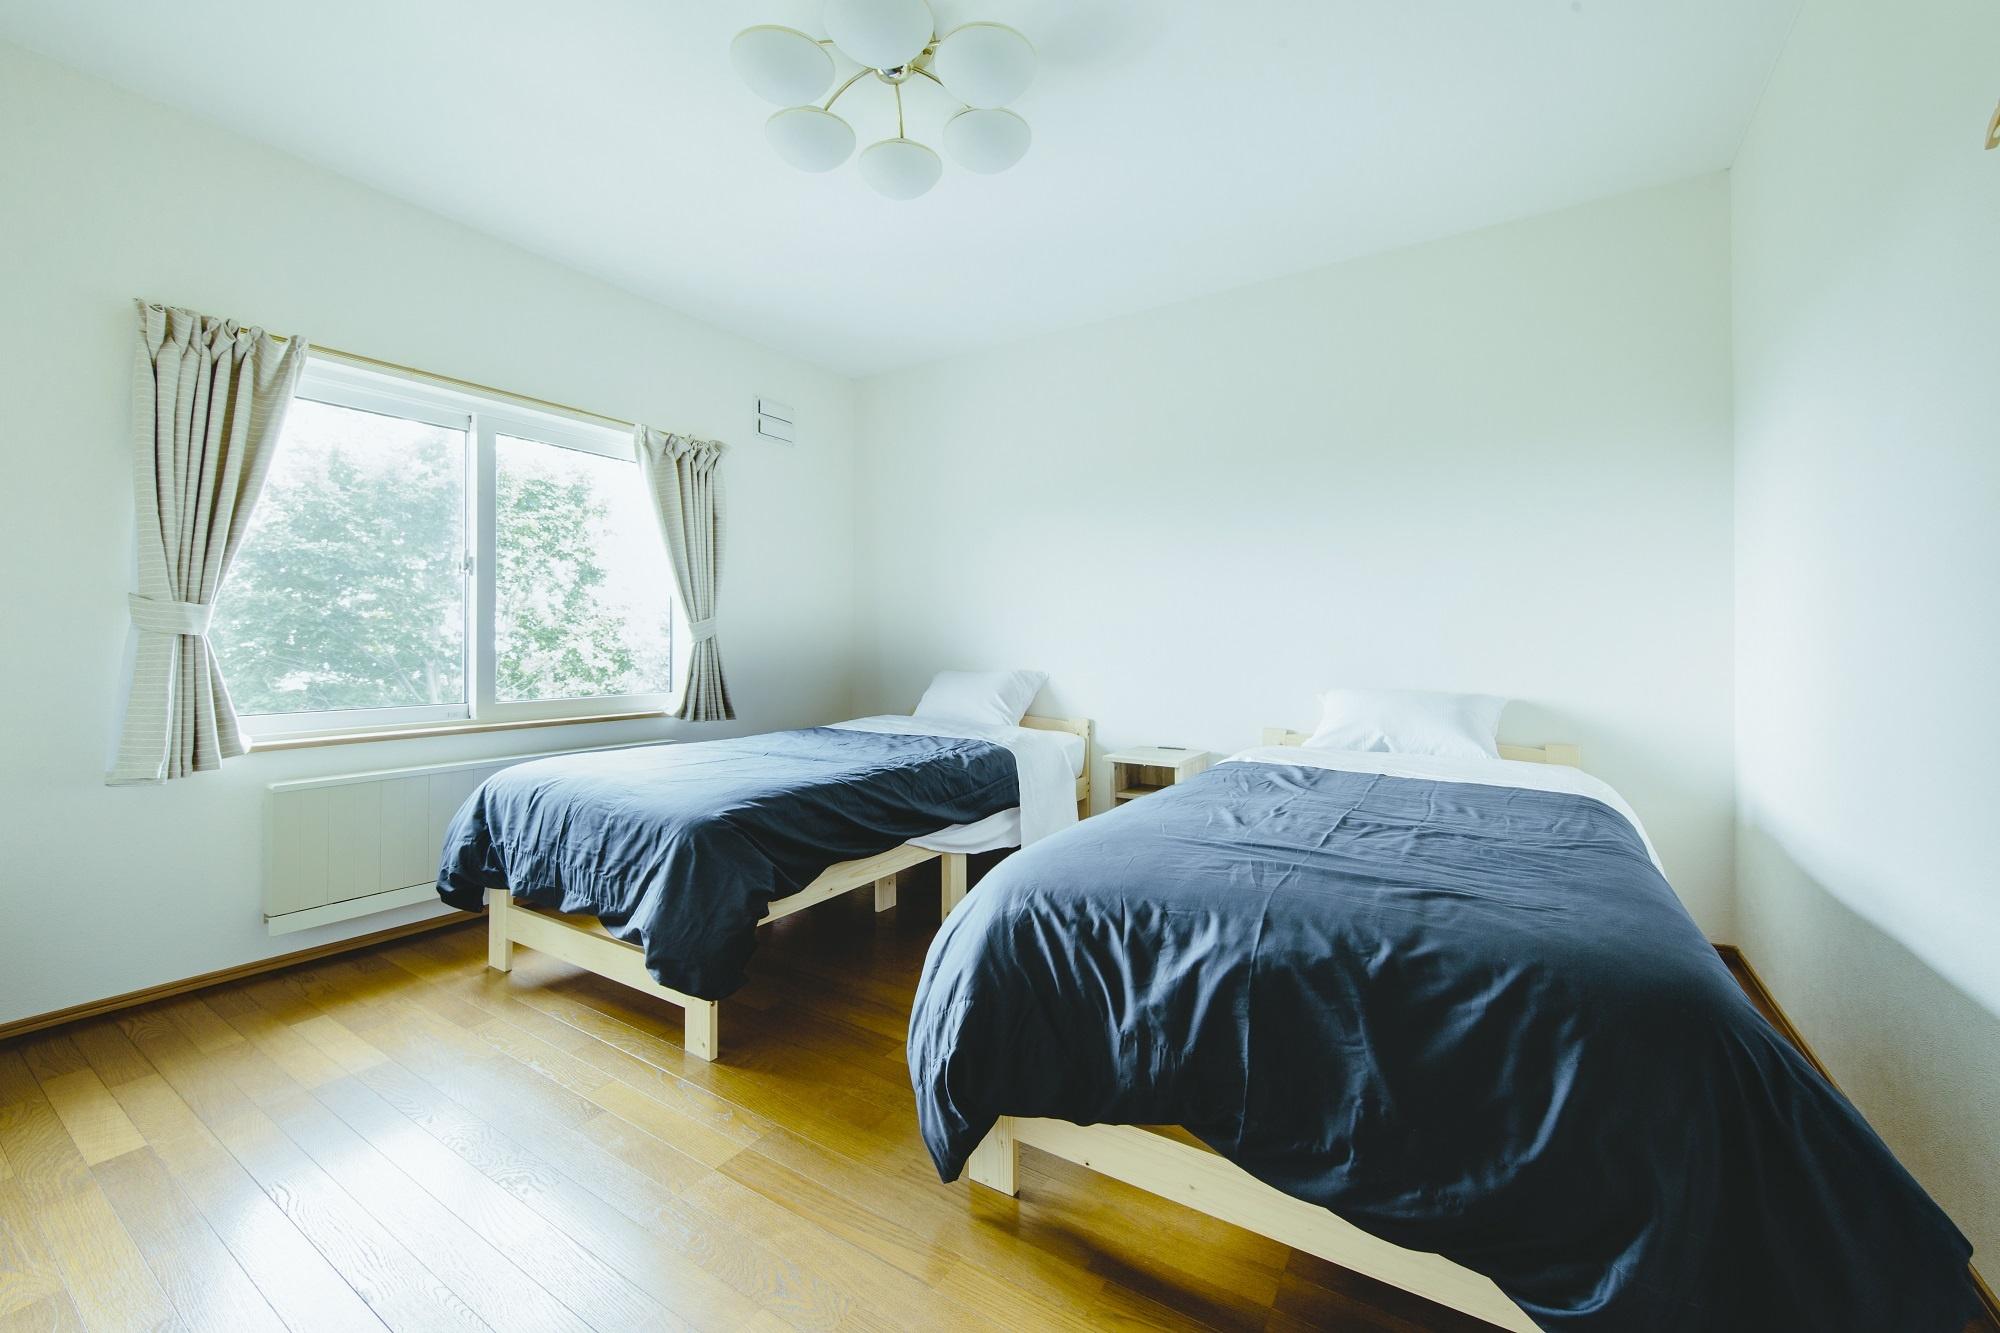 2階客室は間取りをそのままに、内装材でリフレッシュ。道路に面した立地ですが、防音効果もある断熱窓が静かな室内環境を保ちます